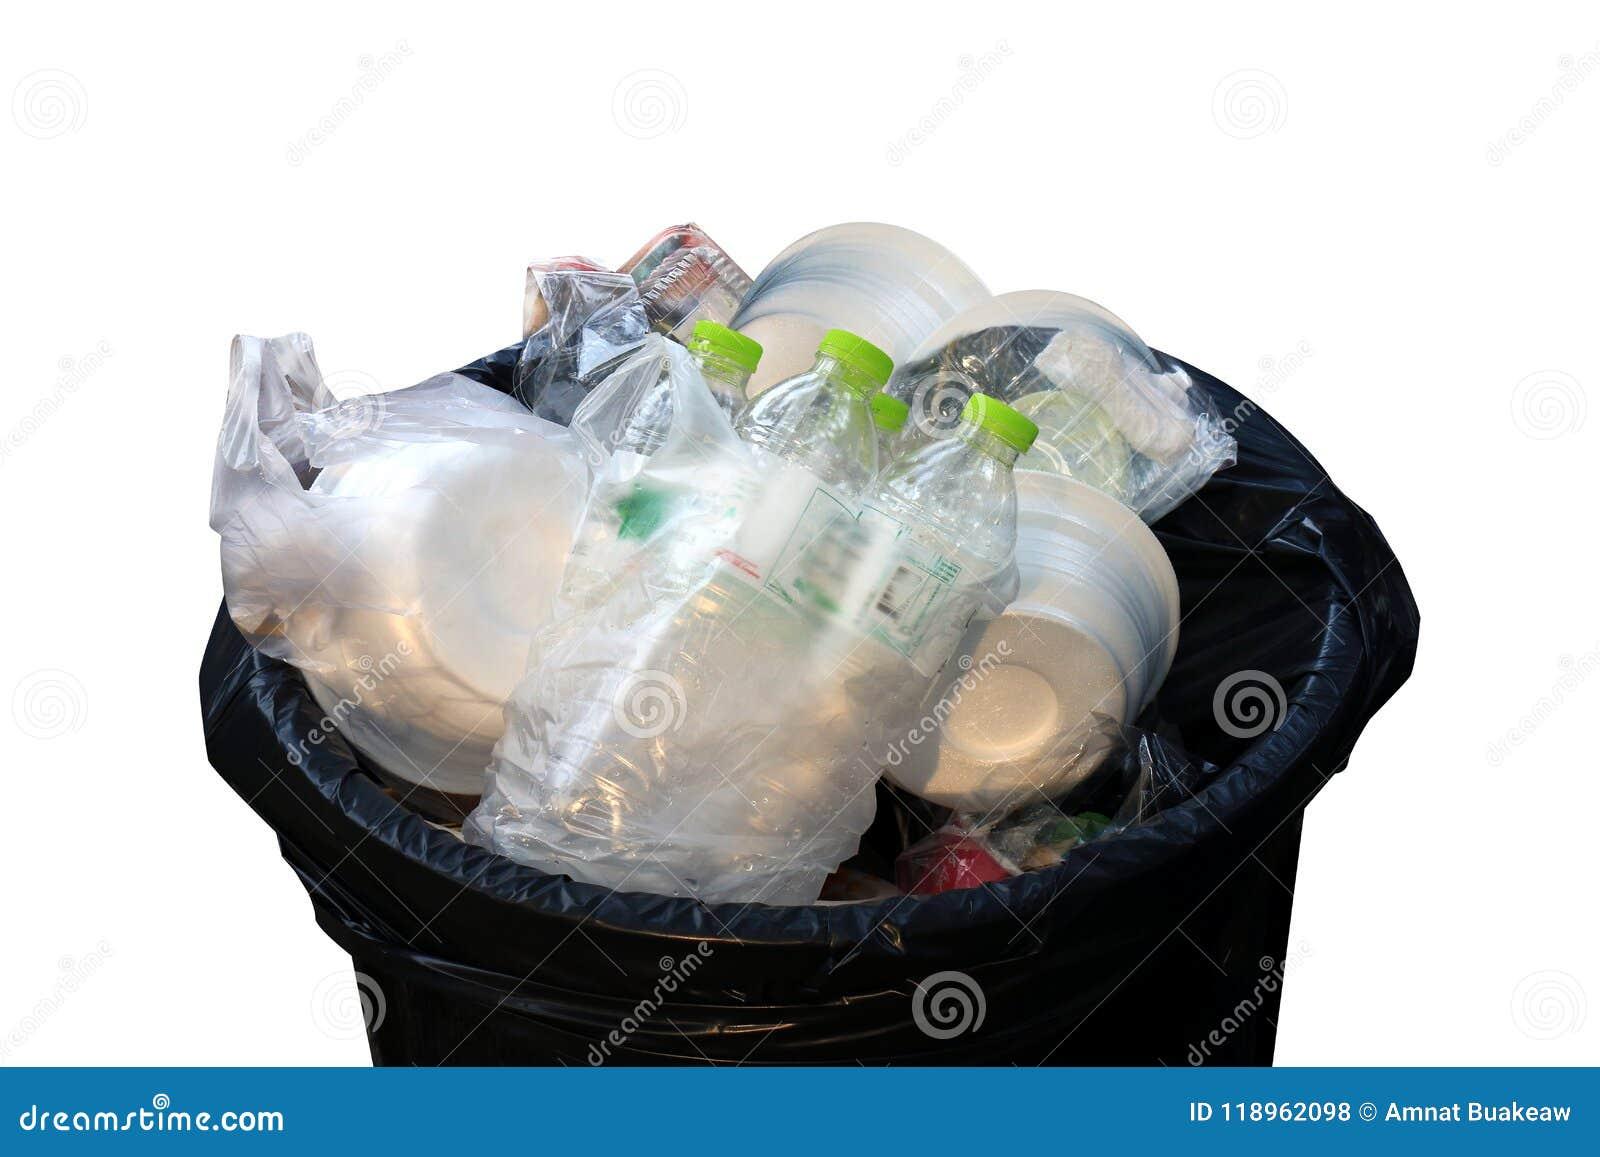 Το δοχείο, τα παλιοπράγματα, η τσάντα απορριμμάτων, τα πλαστικοί μπουκάλια απορριμμάτων και ο δίσκος αφρού στη τοπ κινηματογράφησ